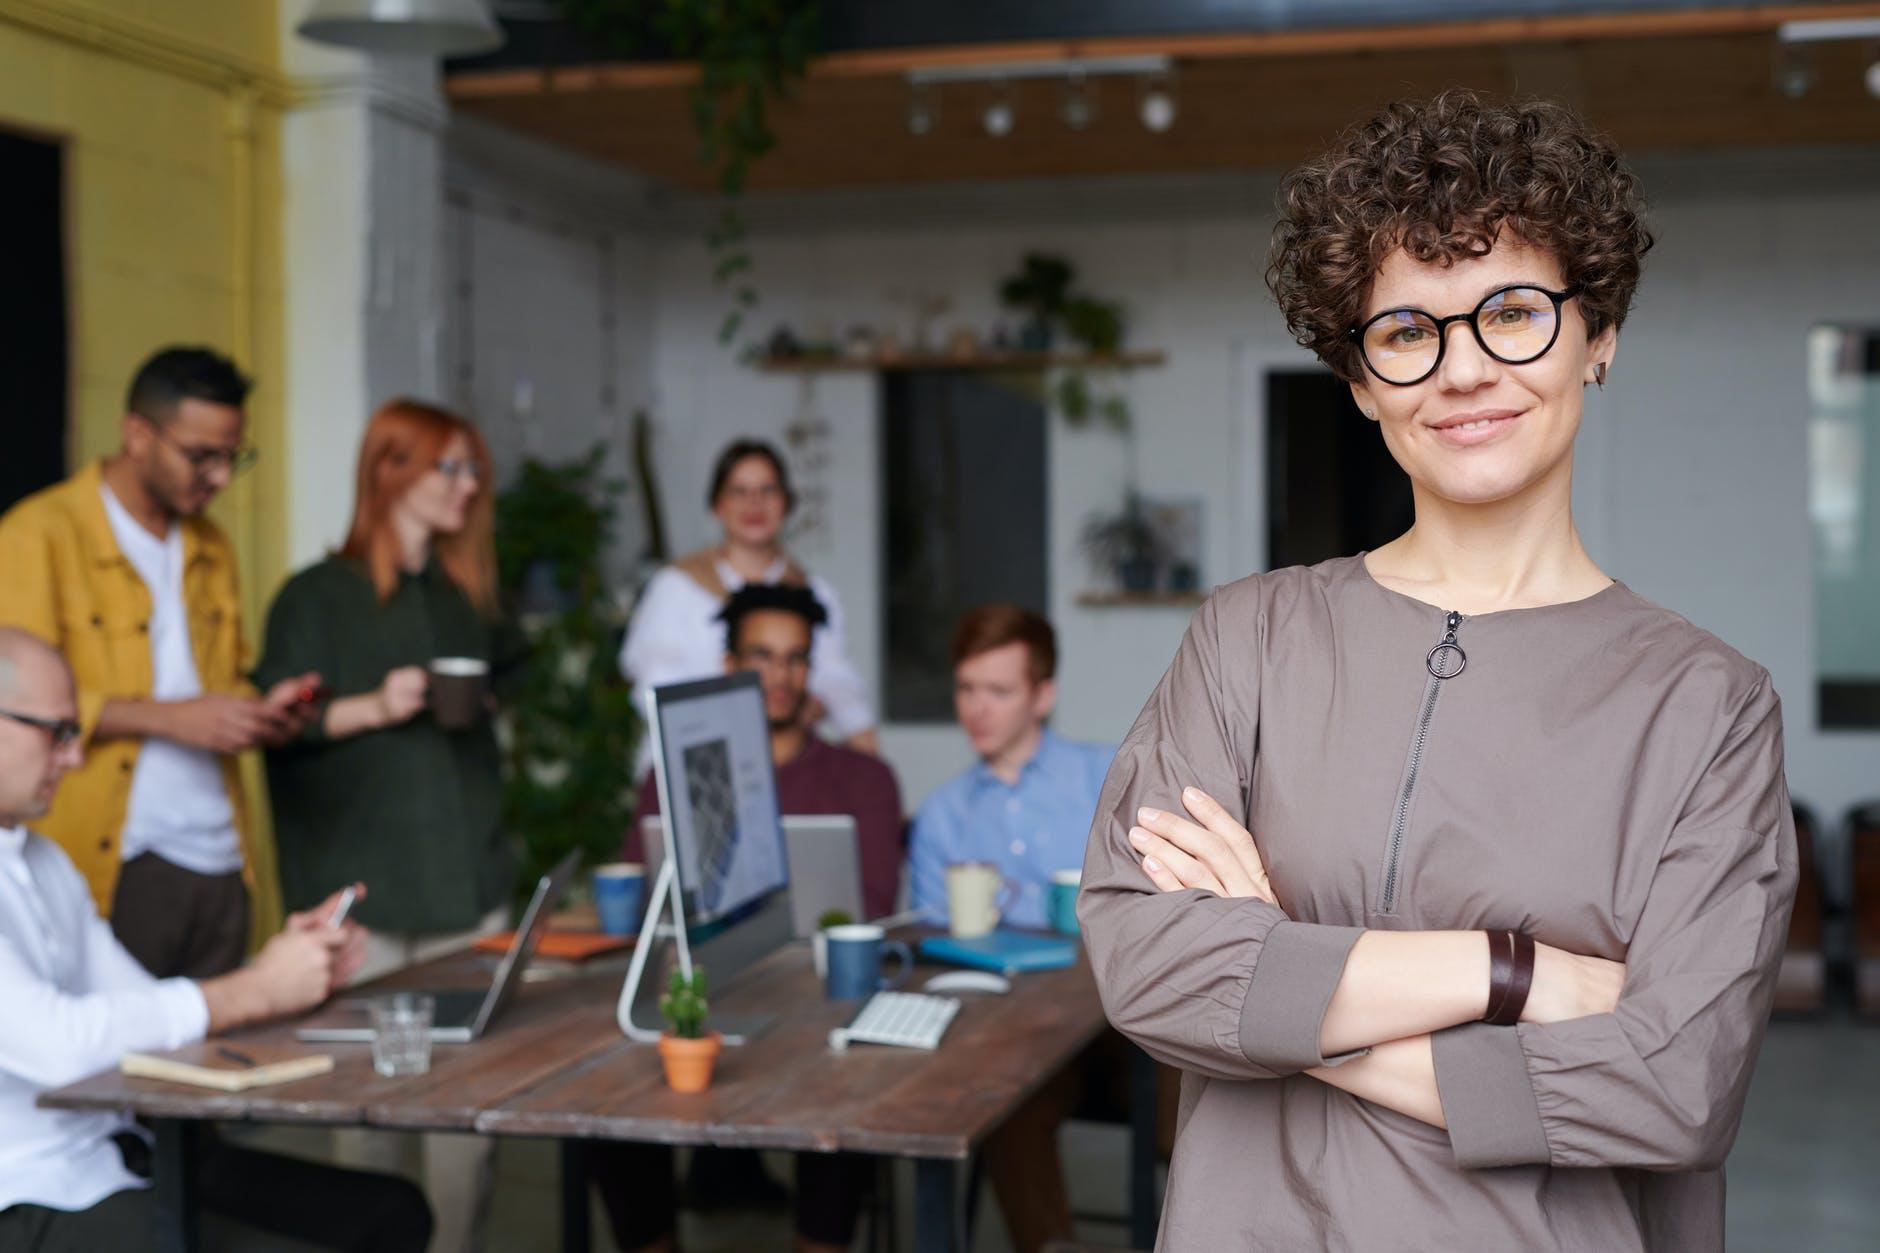 Dicas para melhorar a comunicação e o relacionamento com a equipe